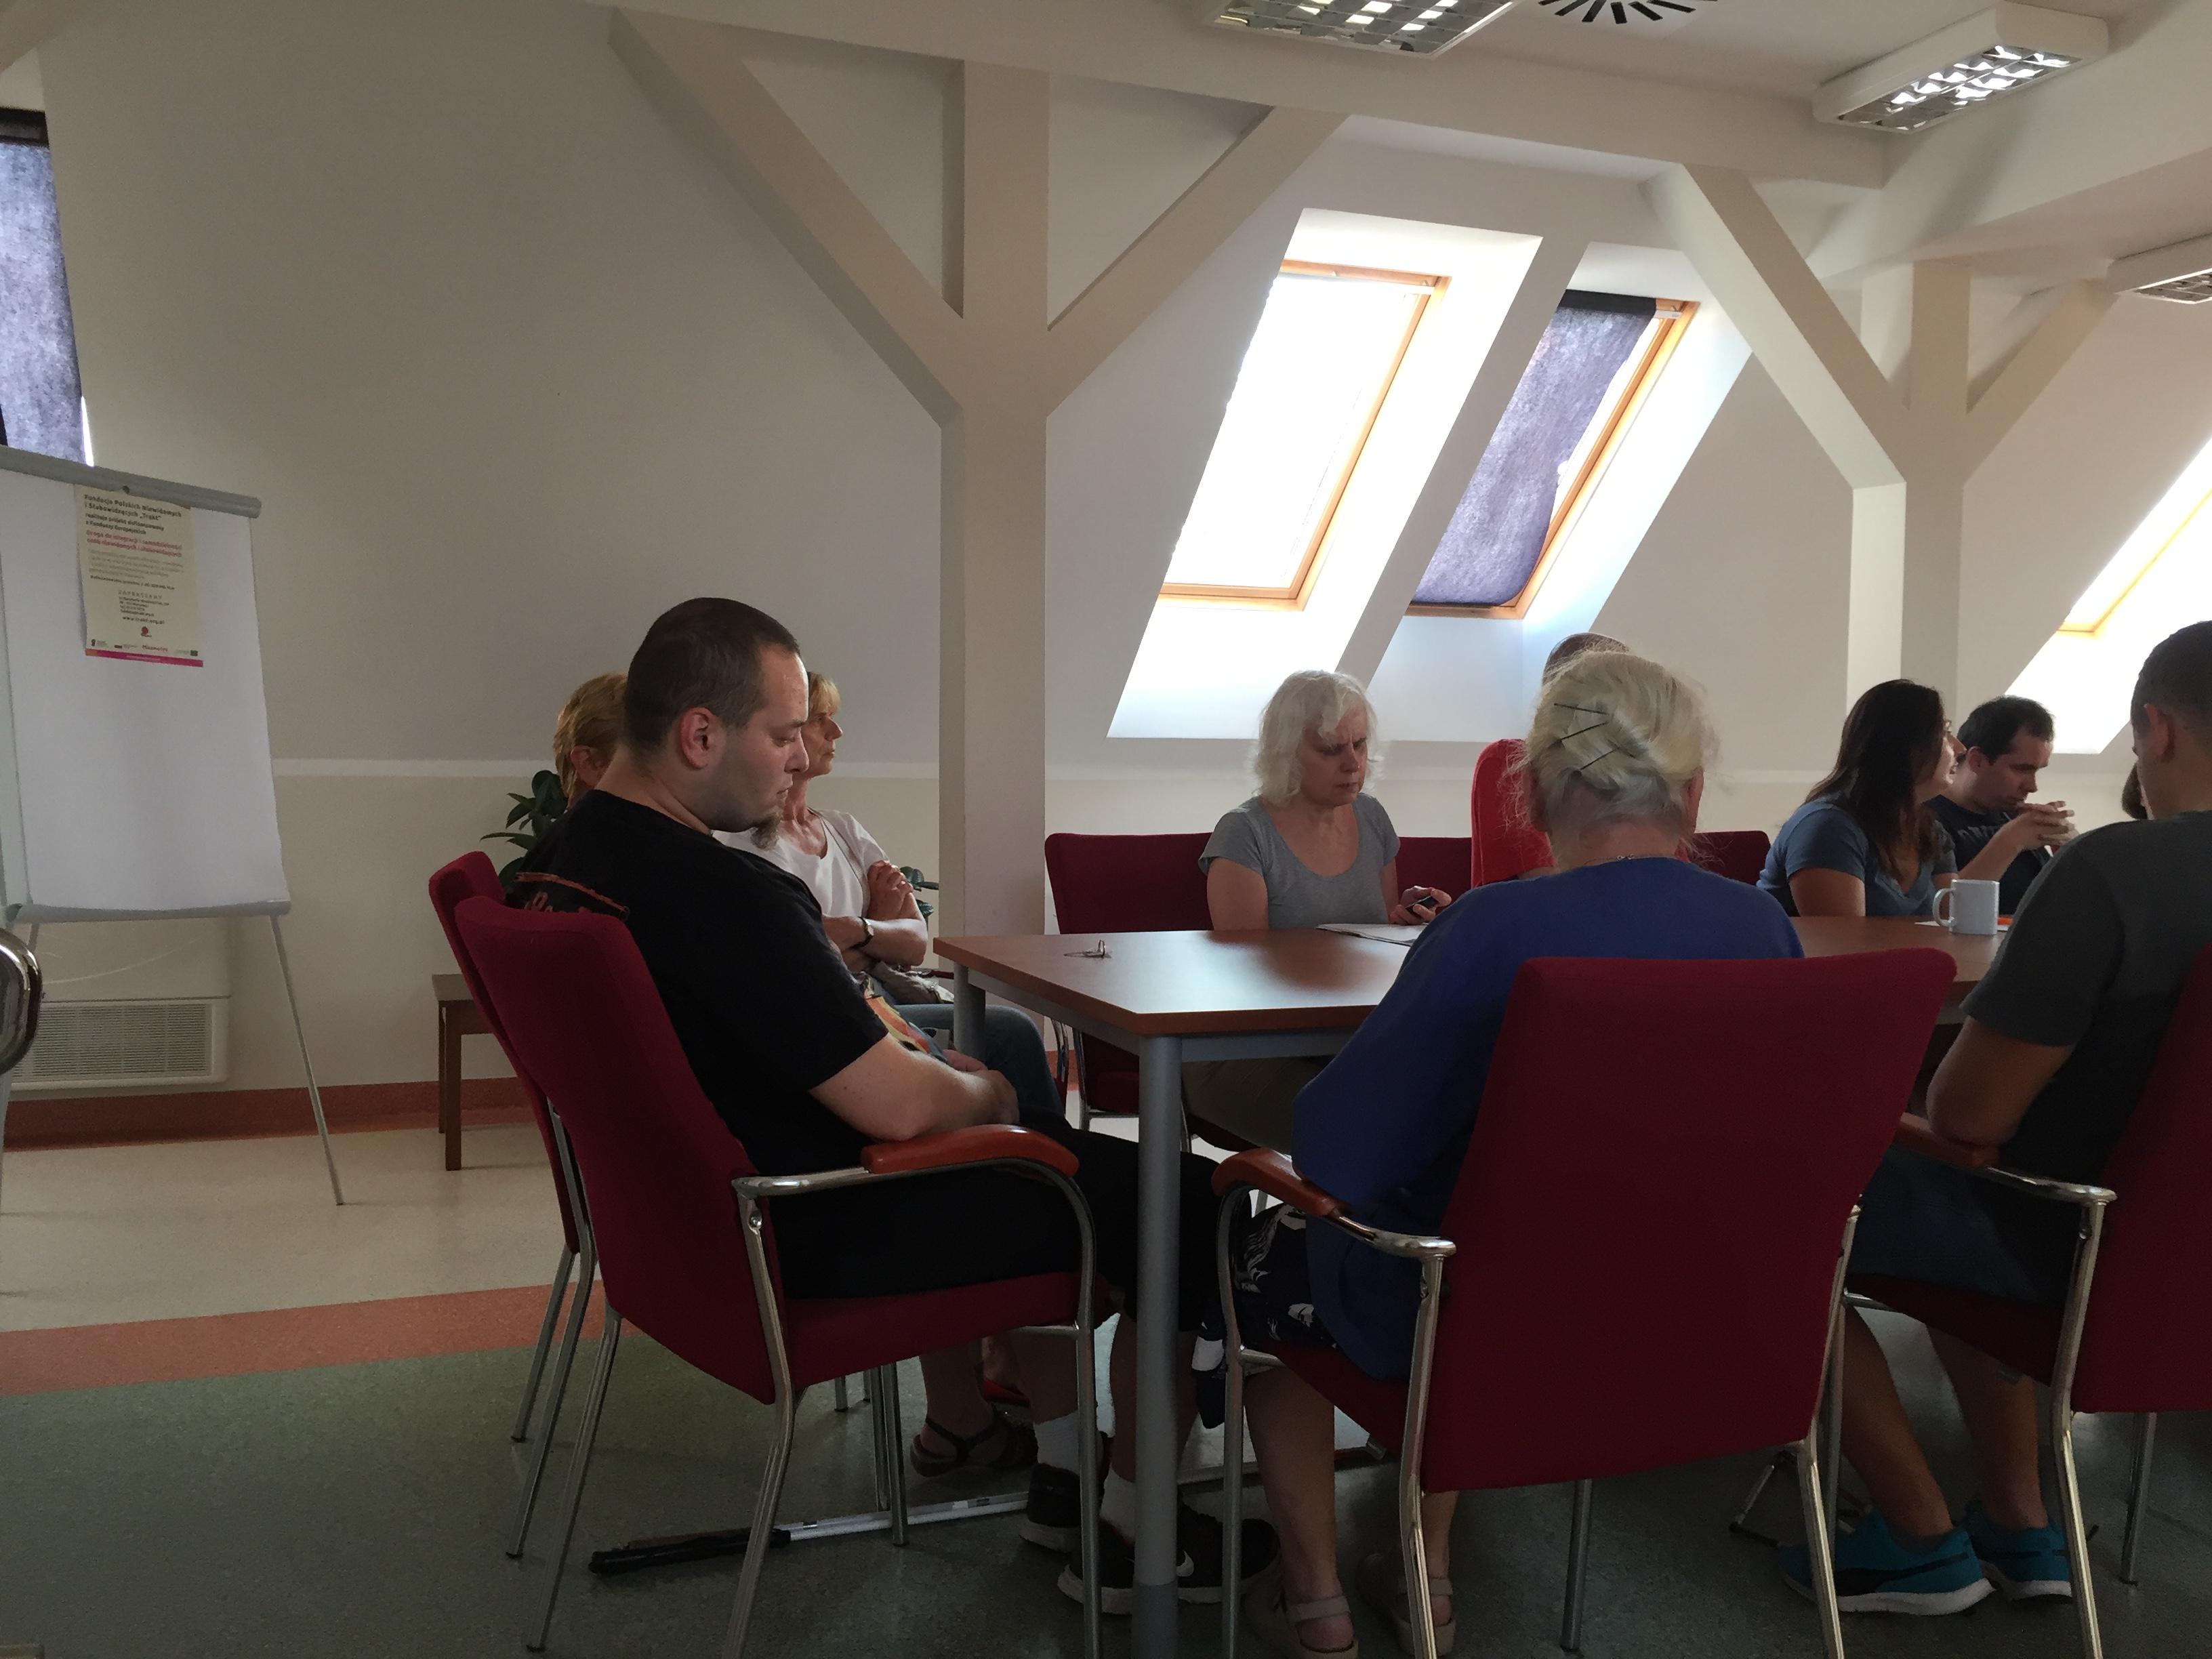 Uczestnicy zjazdu podczas szkolenia w Sali konferencyjnej z widocznym na tablicy plakatem unijnym projektu